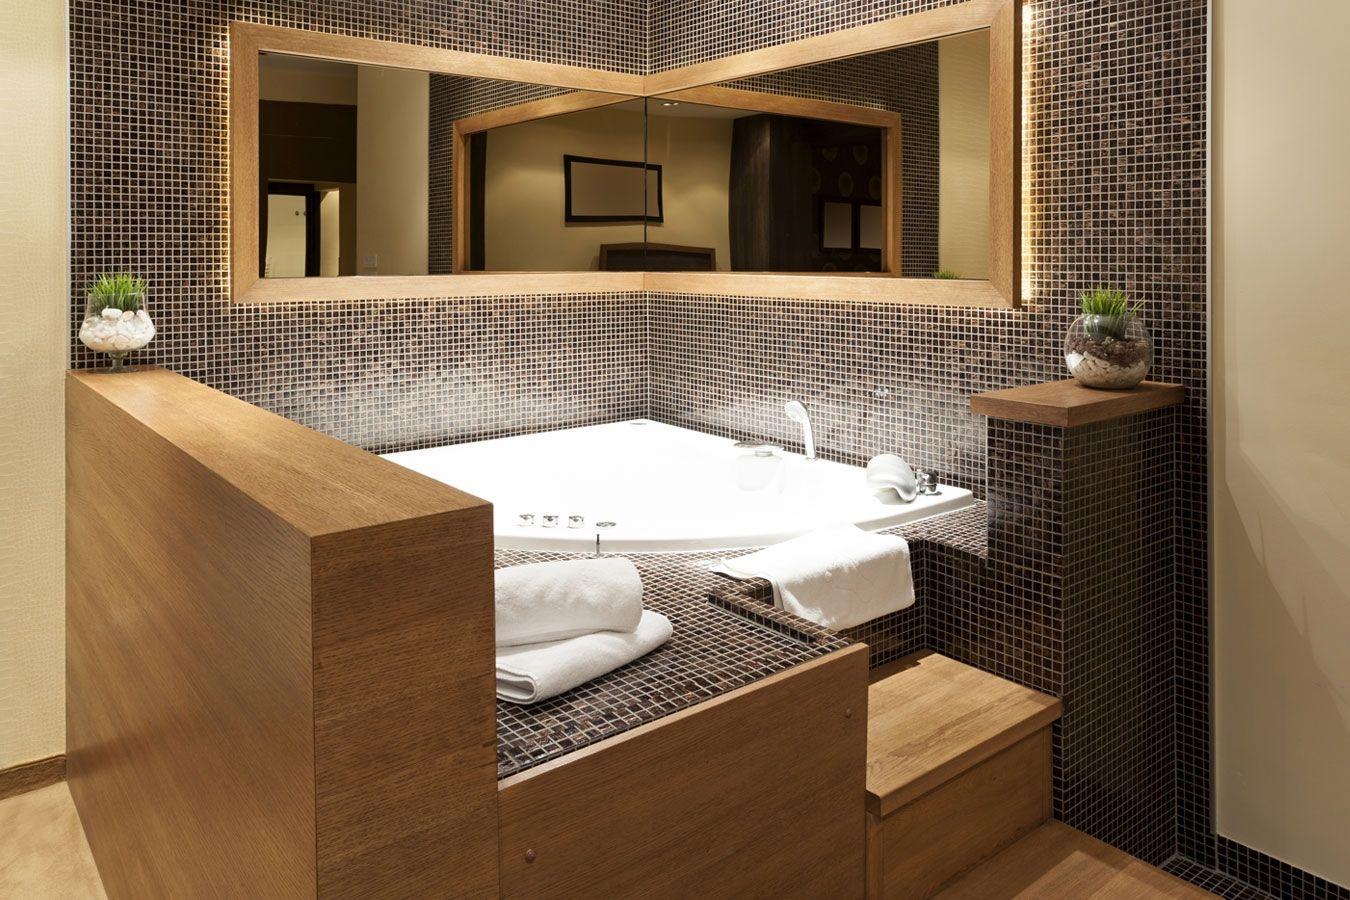 Mozaiek Matjes Badkamer : Mozaiek matjes badkamer beste mozaek tegels in de badkamer